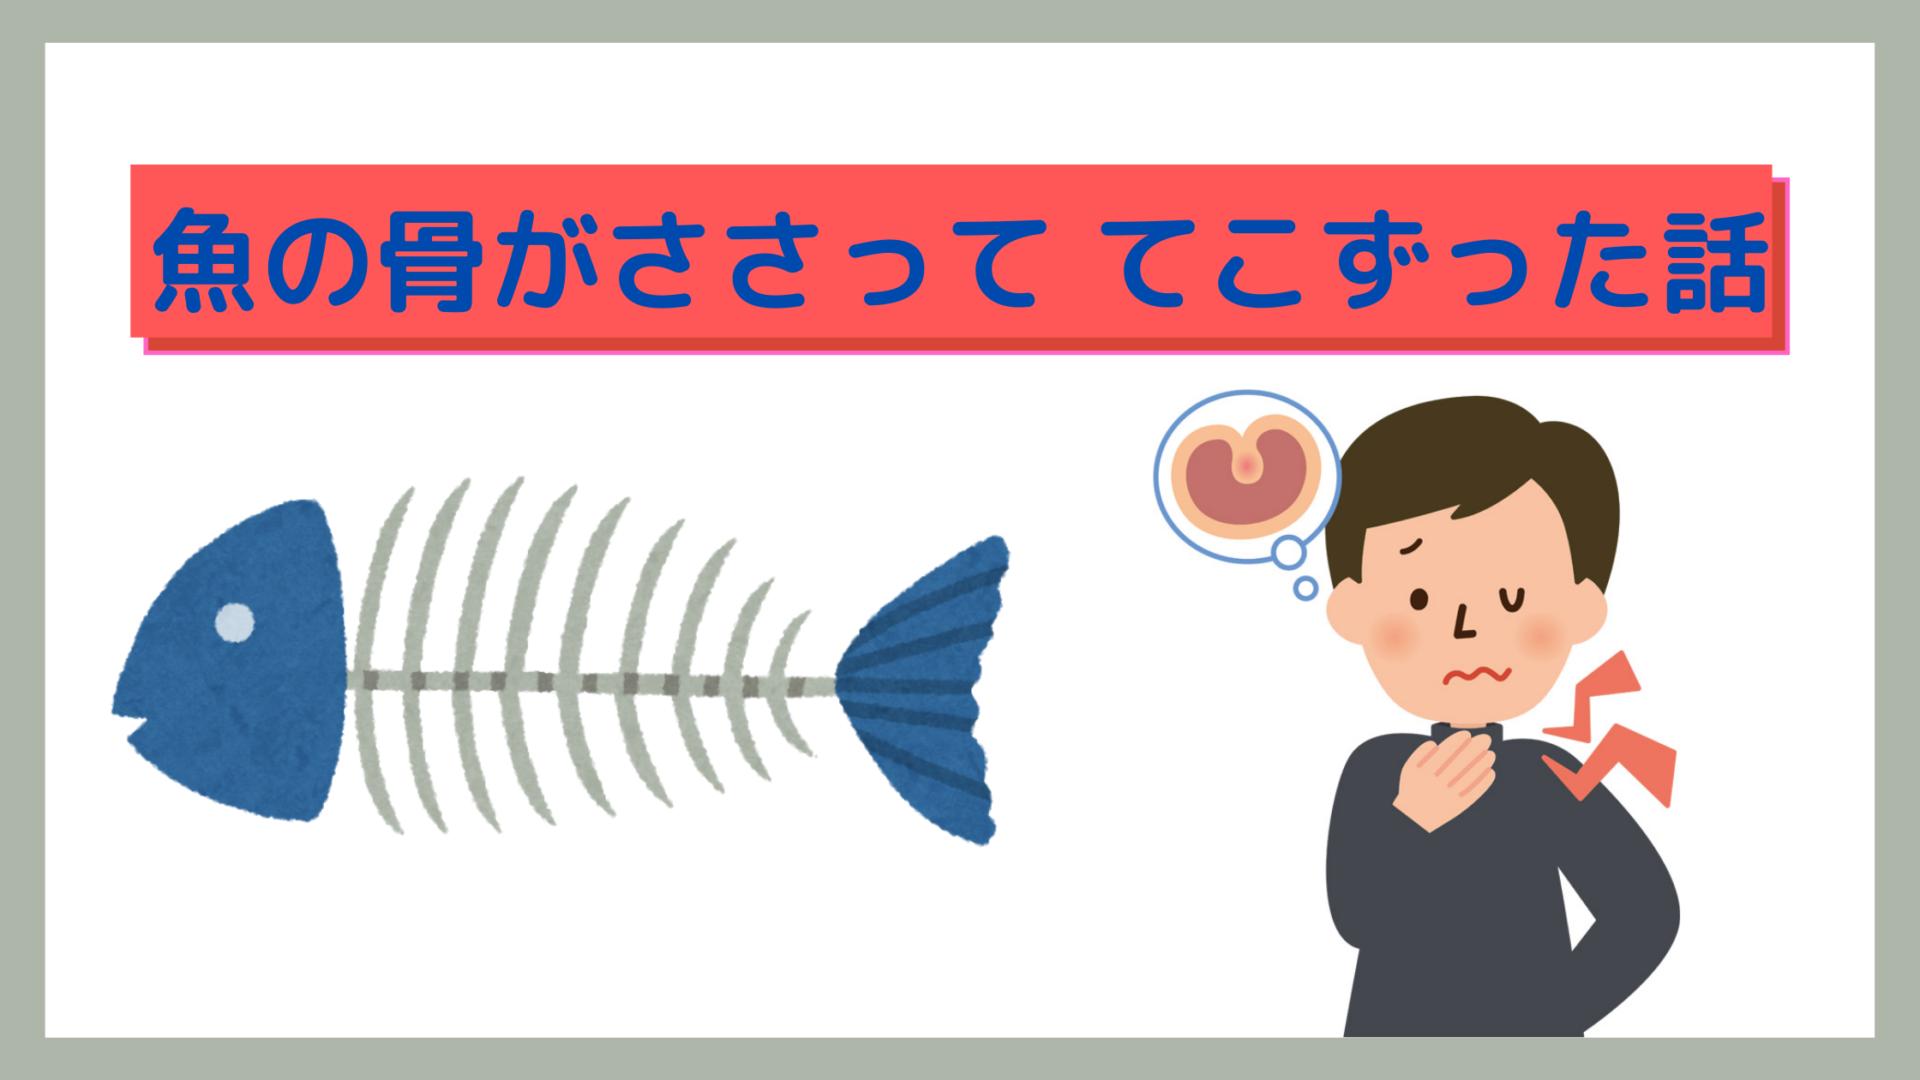 喉 魚の 骨